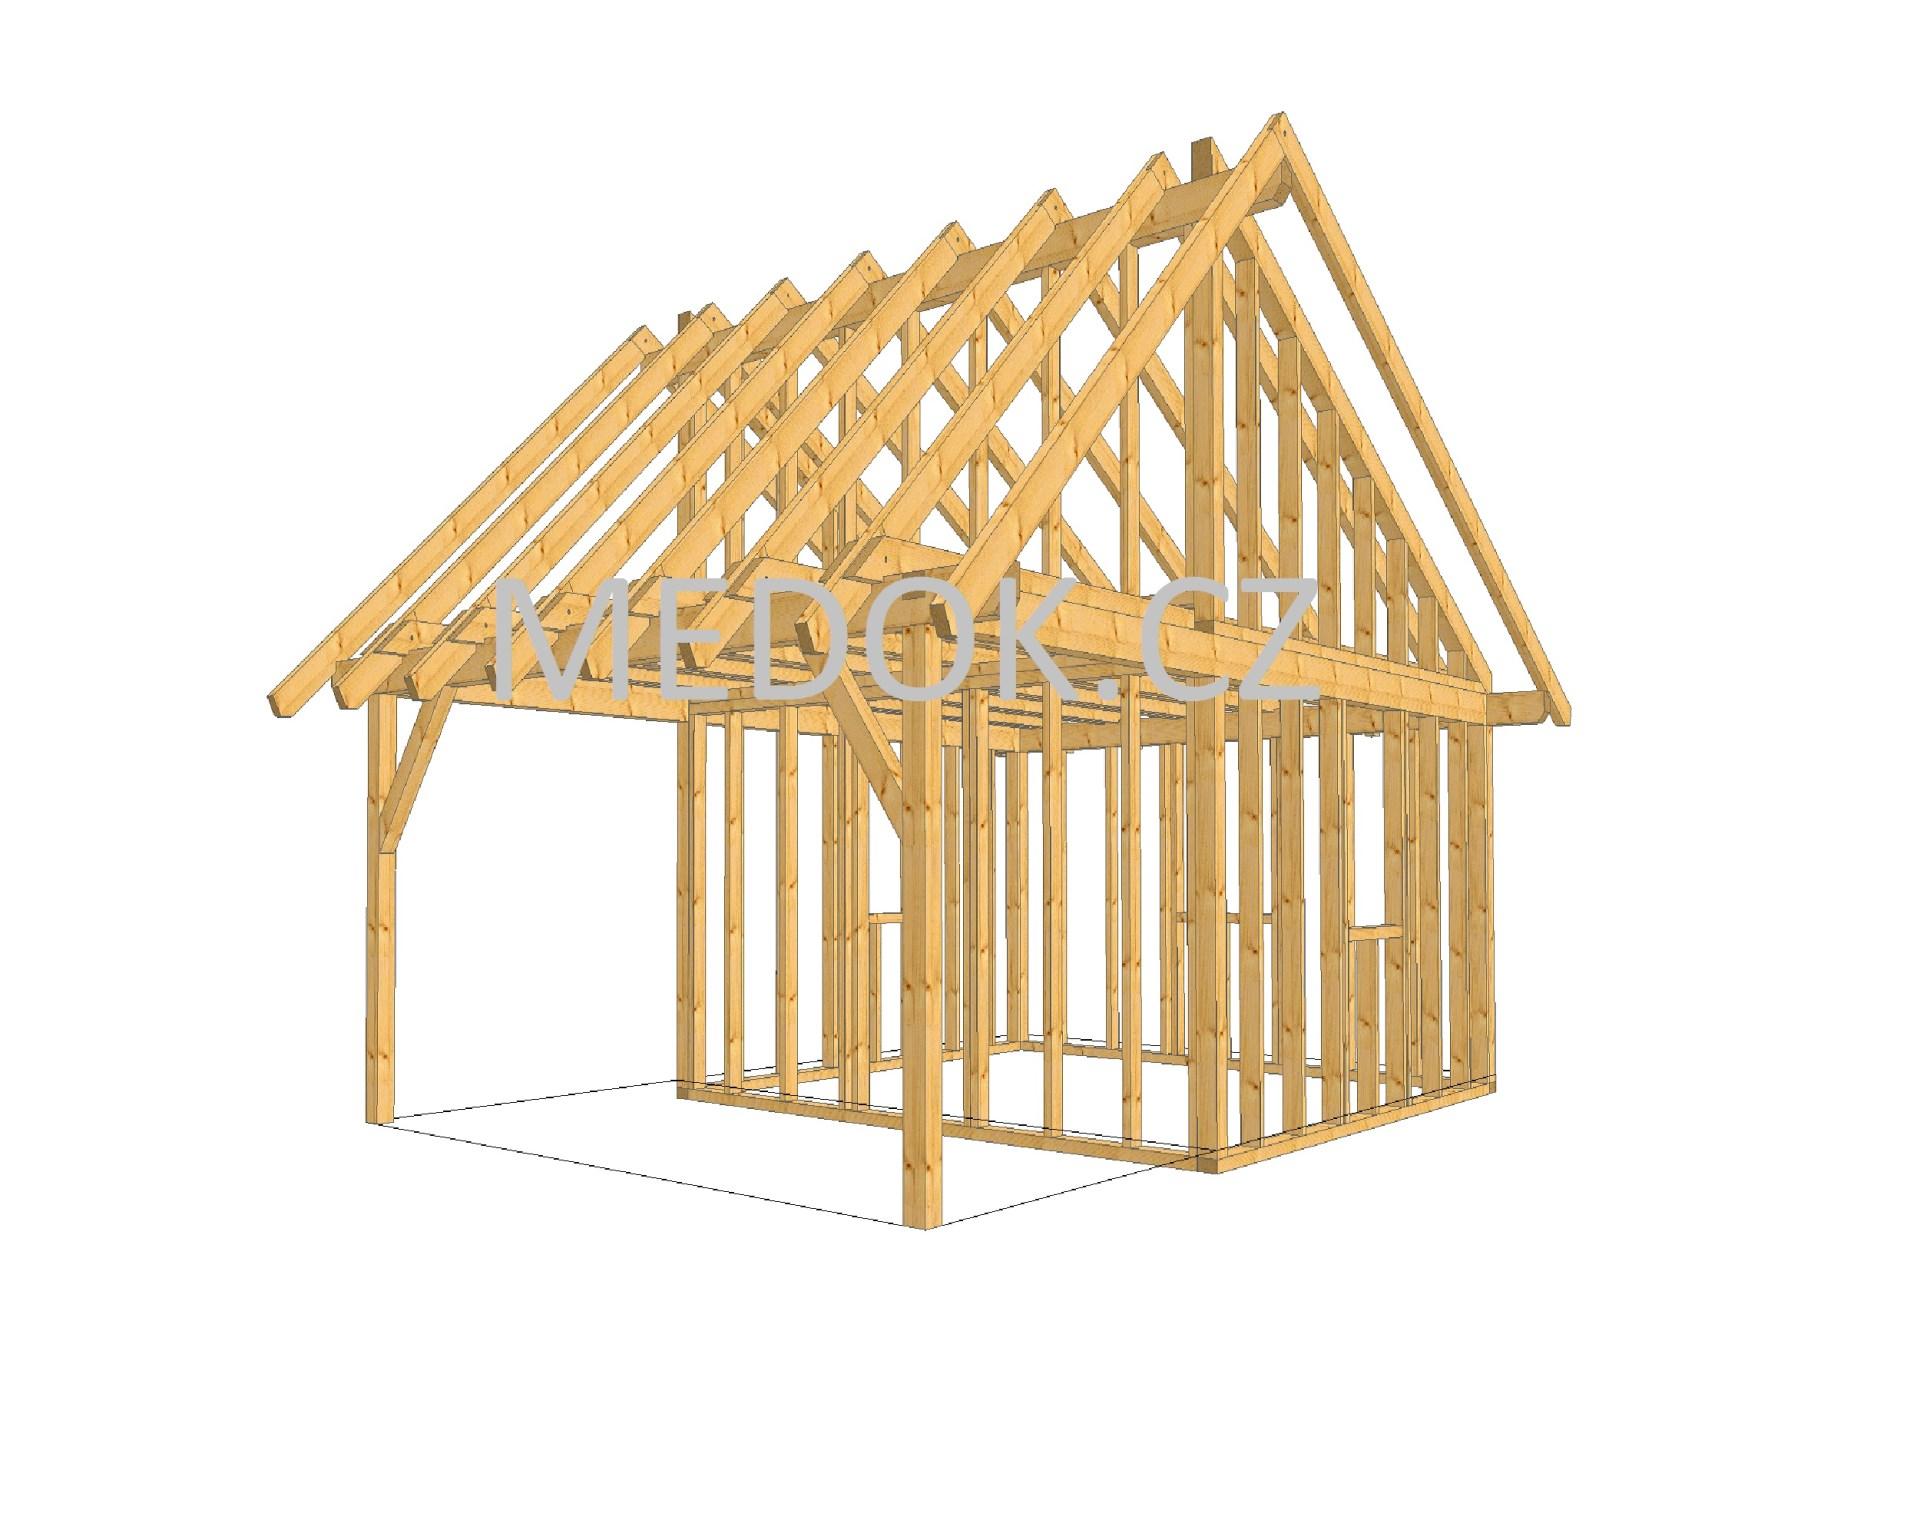 dřevěná konstrukce domku